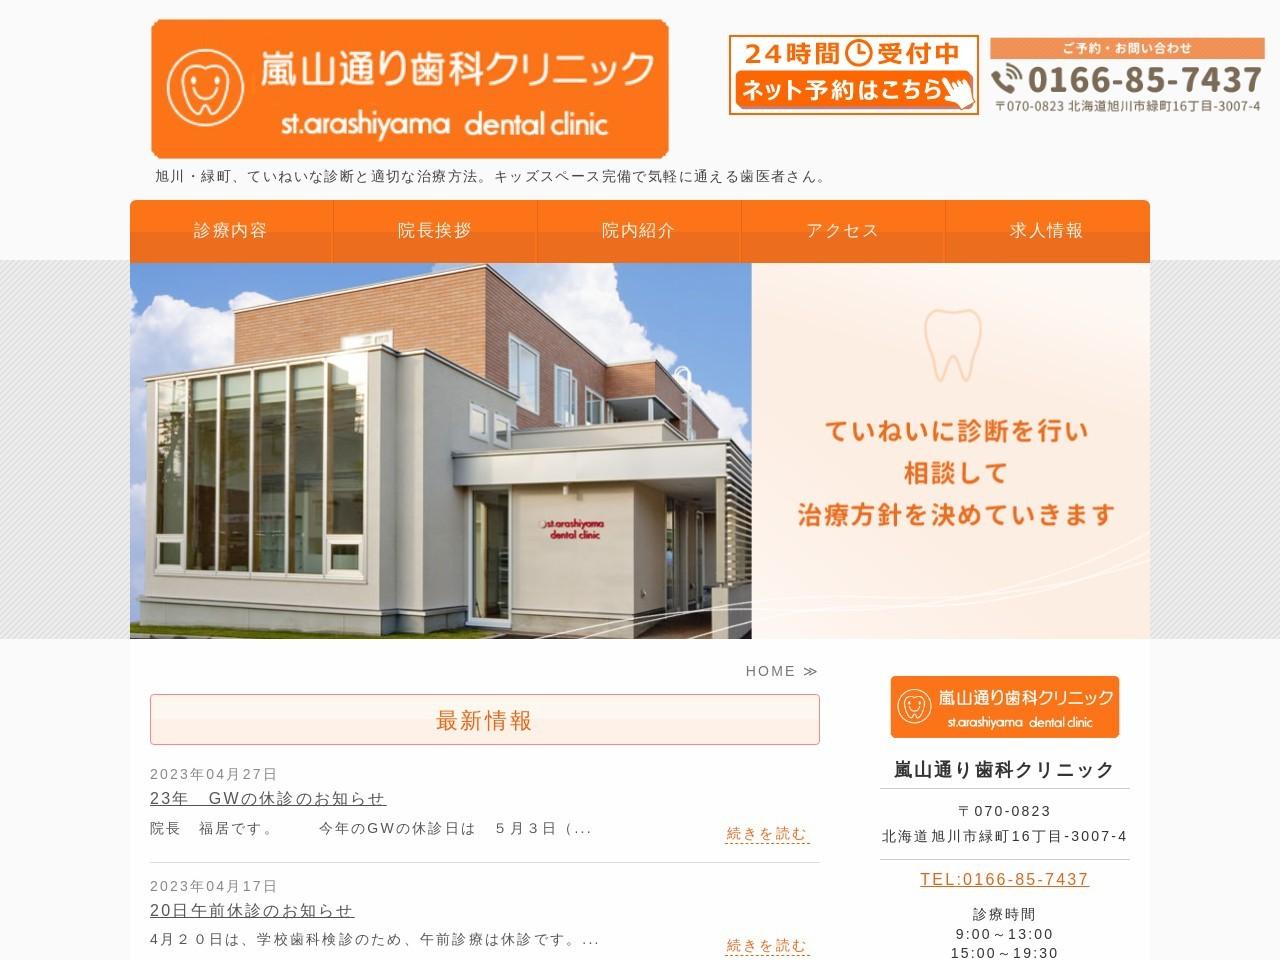 嵐山通り歯科クリニック (北海道旭川市)